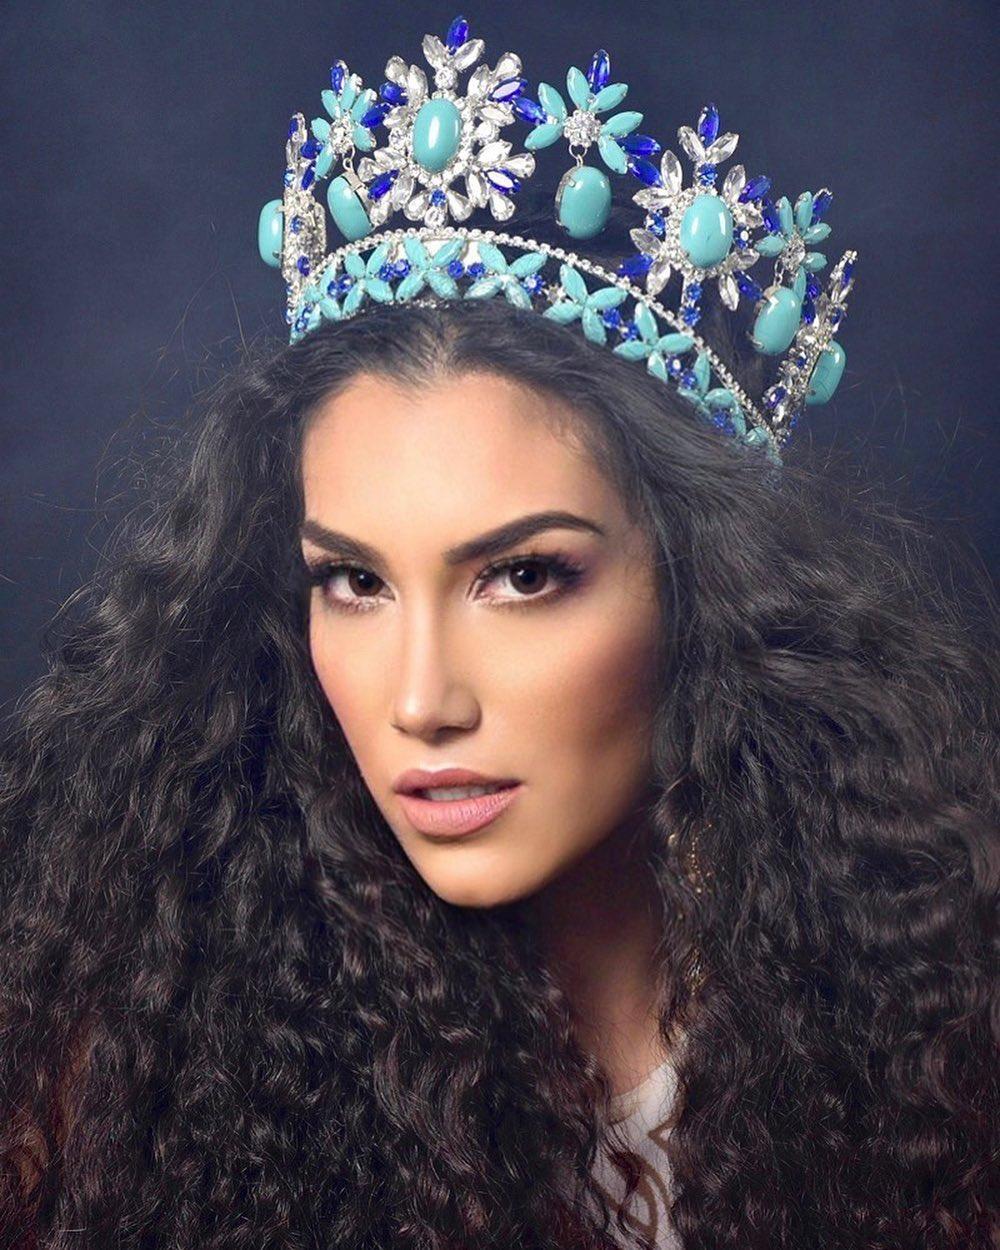 georgina vargas, candidata a miss mexico 2020, representando coahuila. 10181010